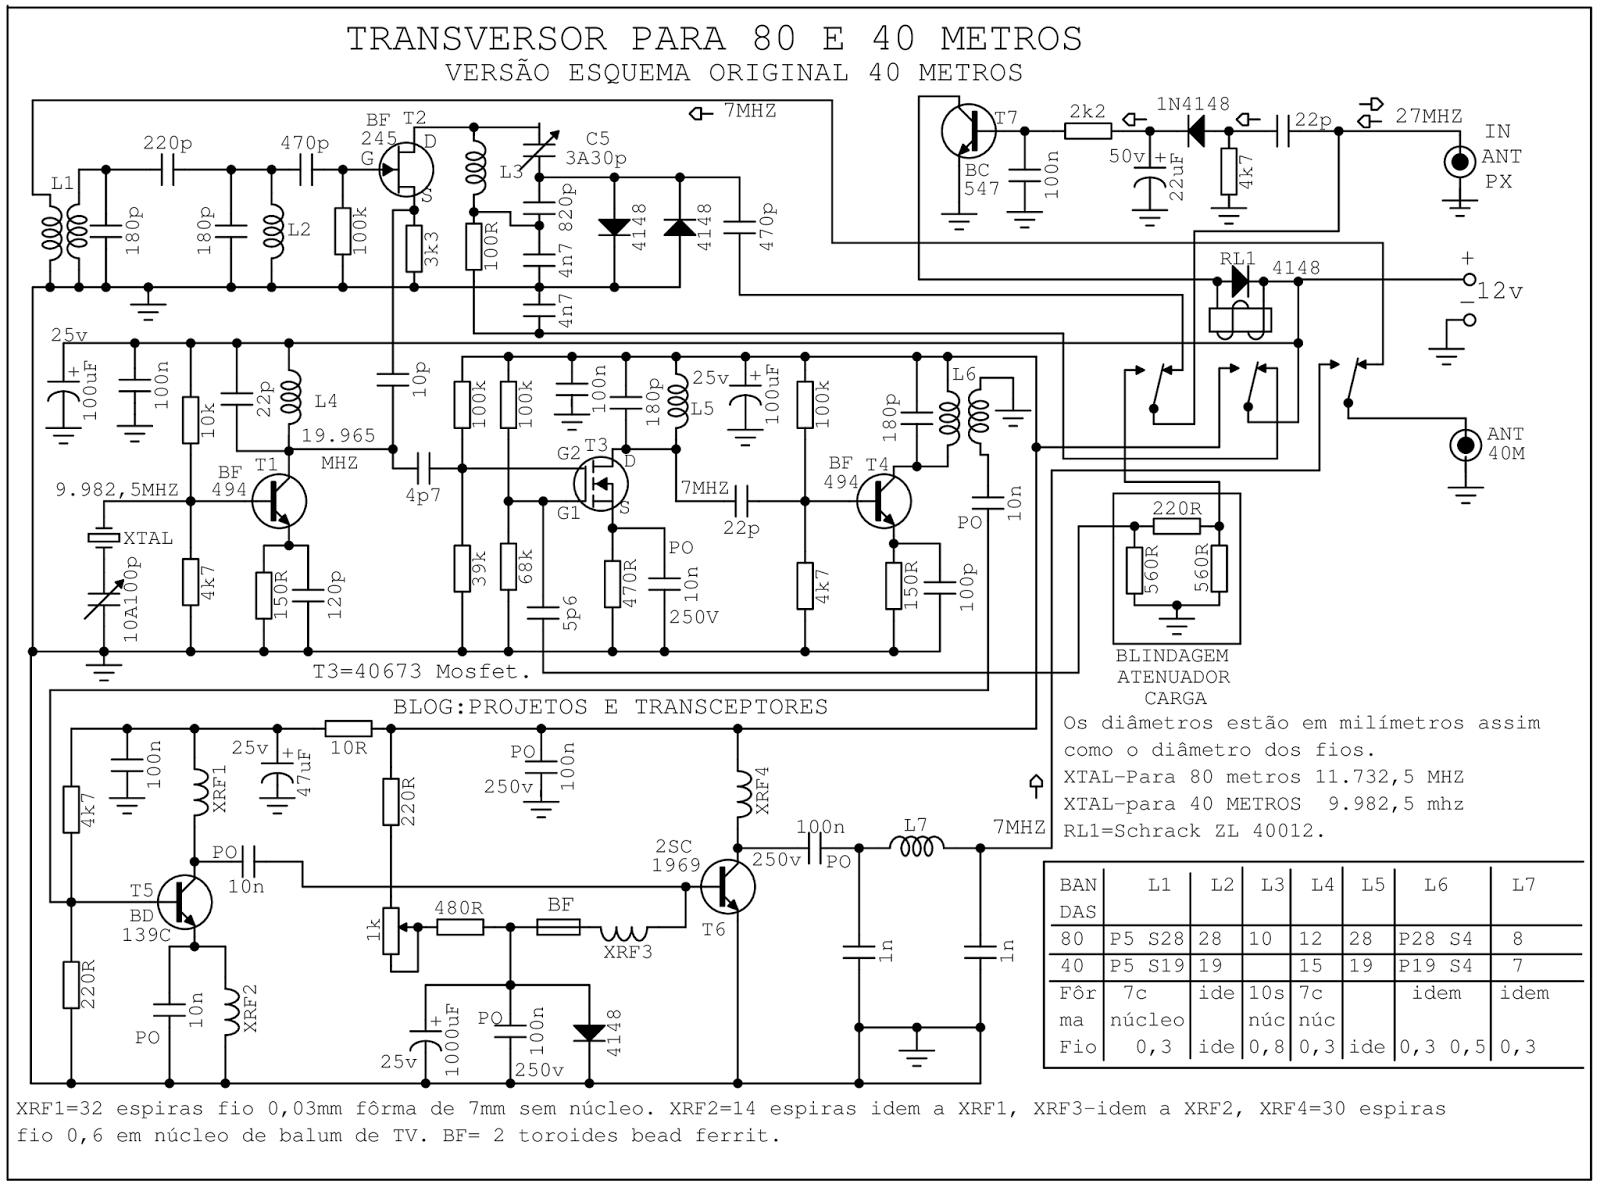 Projetos E Transceptores Transvert 11 Metros Para 80 E